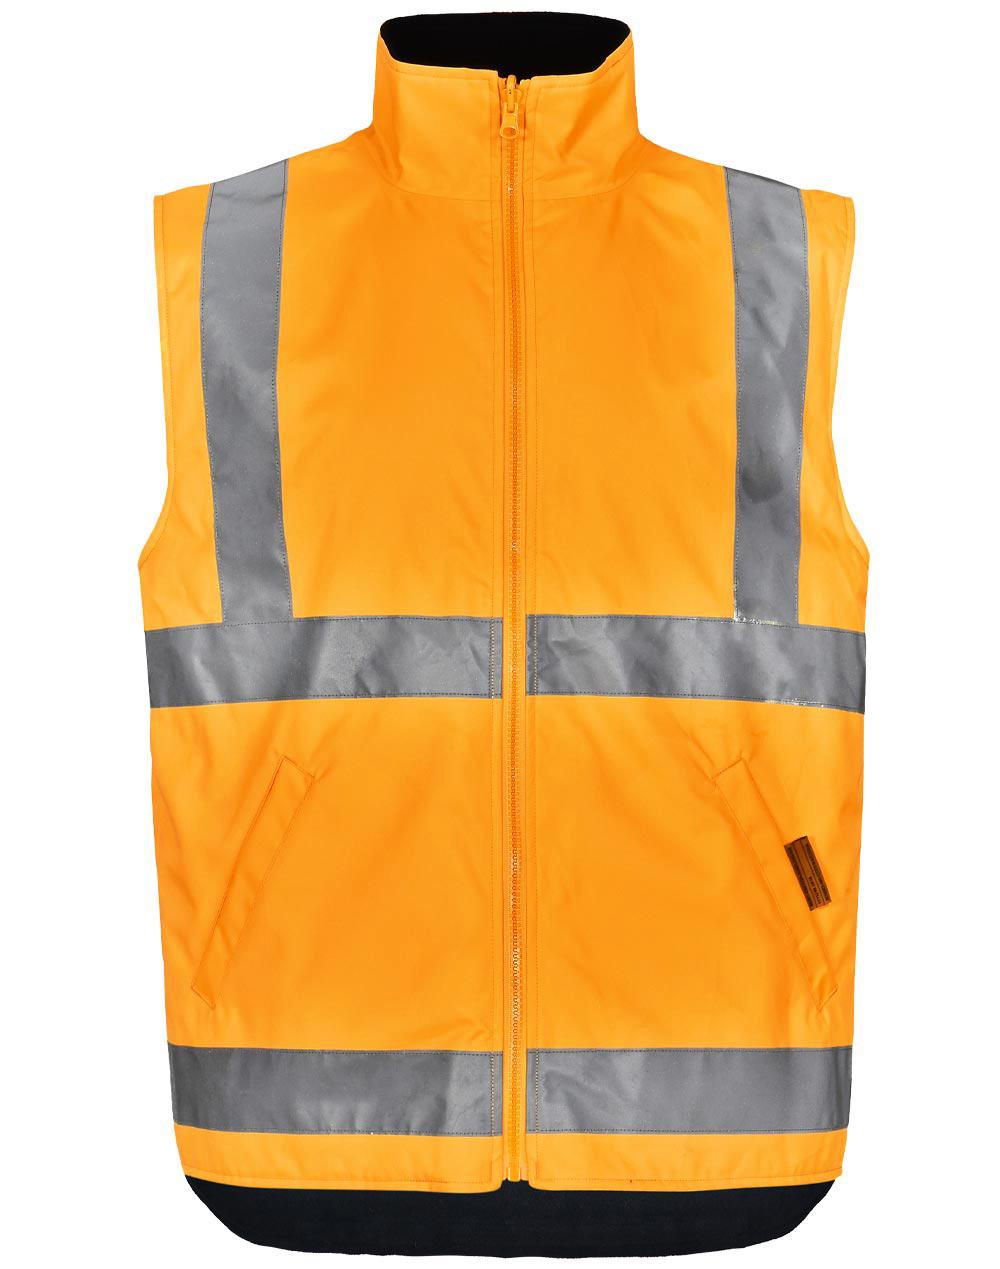 SW77 VIC Rail Hi Vis 3 in 1 Safety Jacket and Vest - Unisex